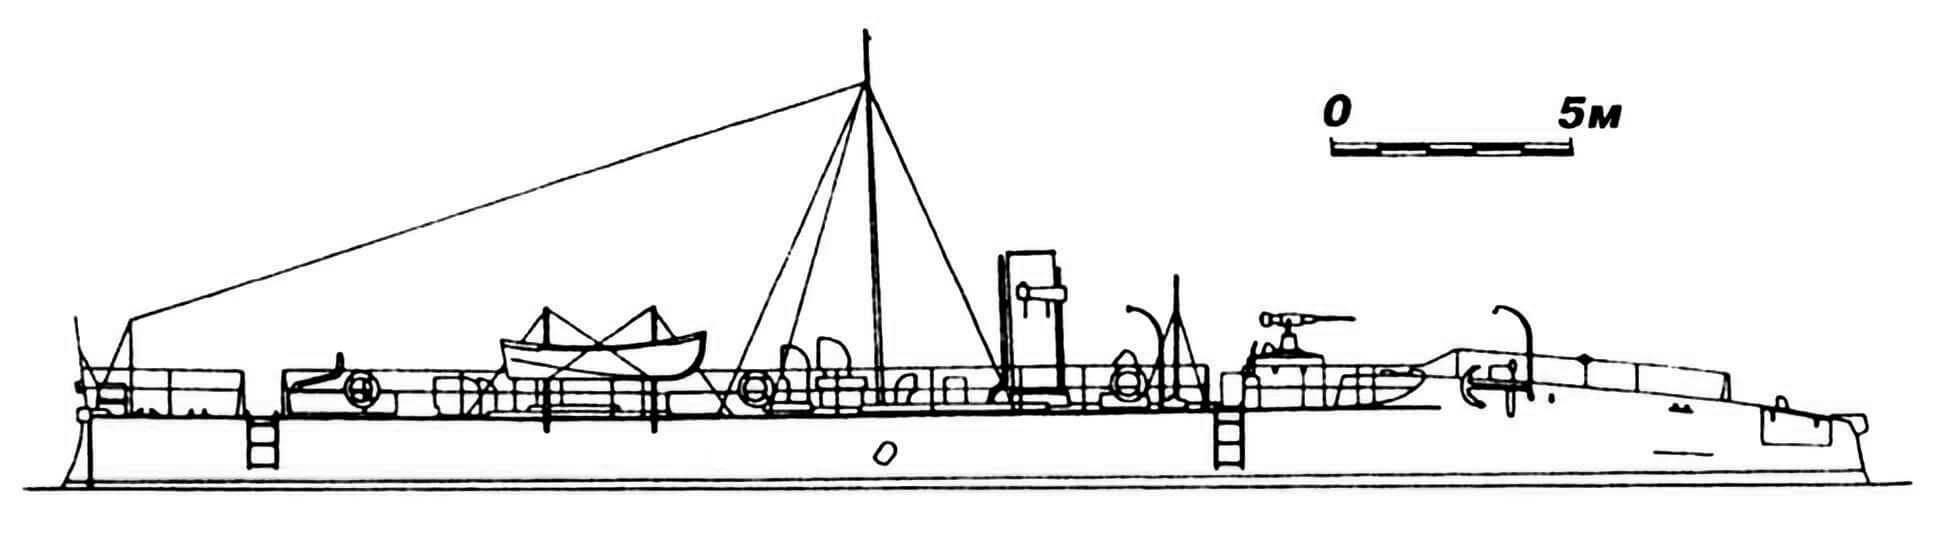 41.Миноносец «Хабана», Испания, 1887 г. Строился в Англии фирмой «Торникрофт». Водоизмещение нормальное 67 т. Длина наибольшая 38,89 м, ширина 3,81 м, осадка 1,8 м. Мощность одновальной паросиловой установки 780 л.с., скорость на испытаниях 21,2 узла. Вооружение: два торпедных аппарата и 37-мм пушка. Исключен из списков флота в 1918 г.